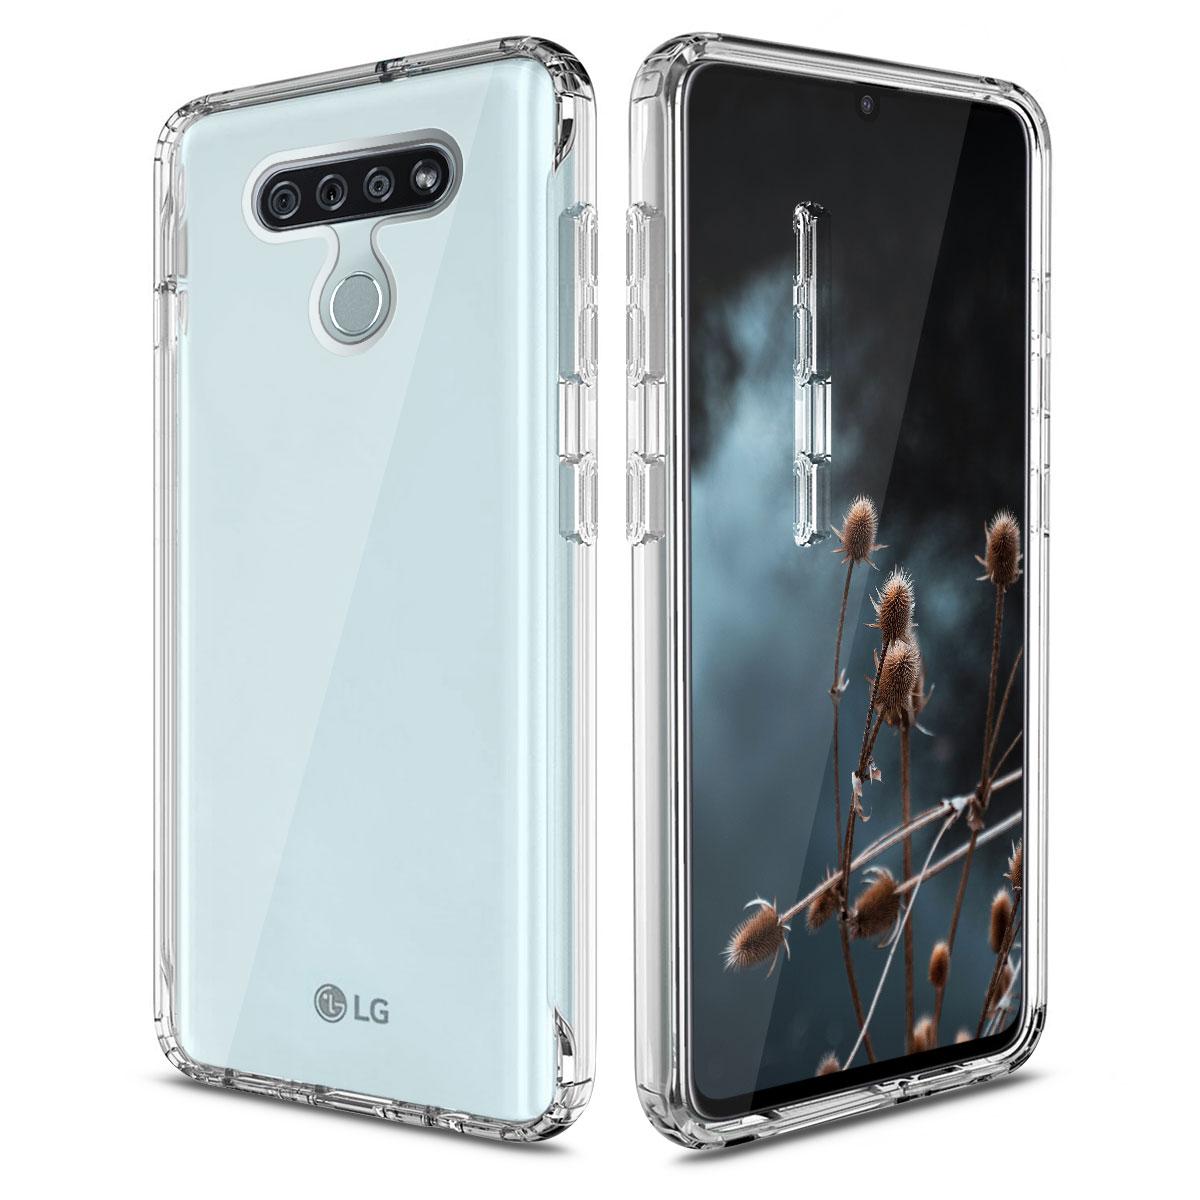 LG-STL6-SLM-CLR